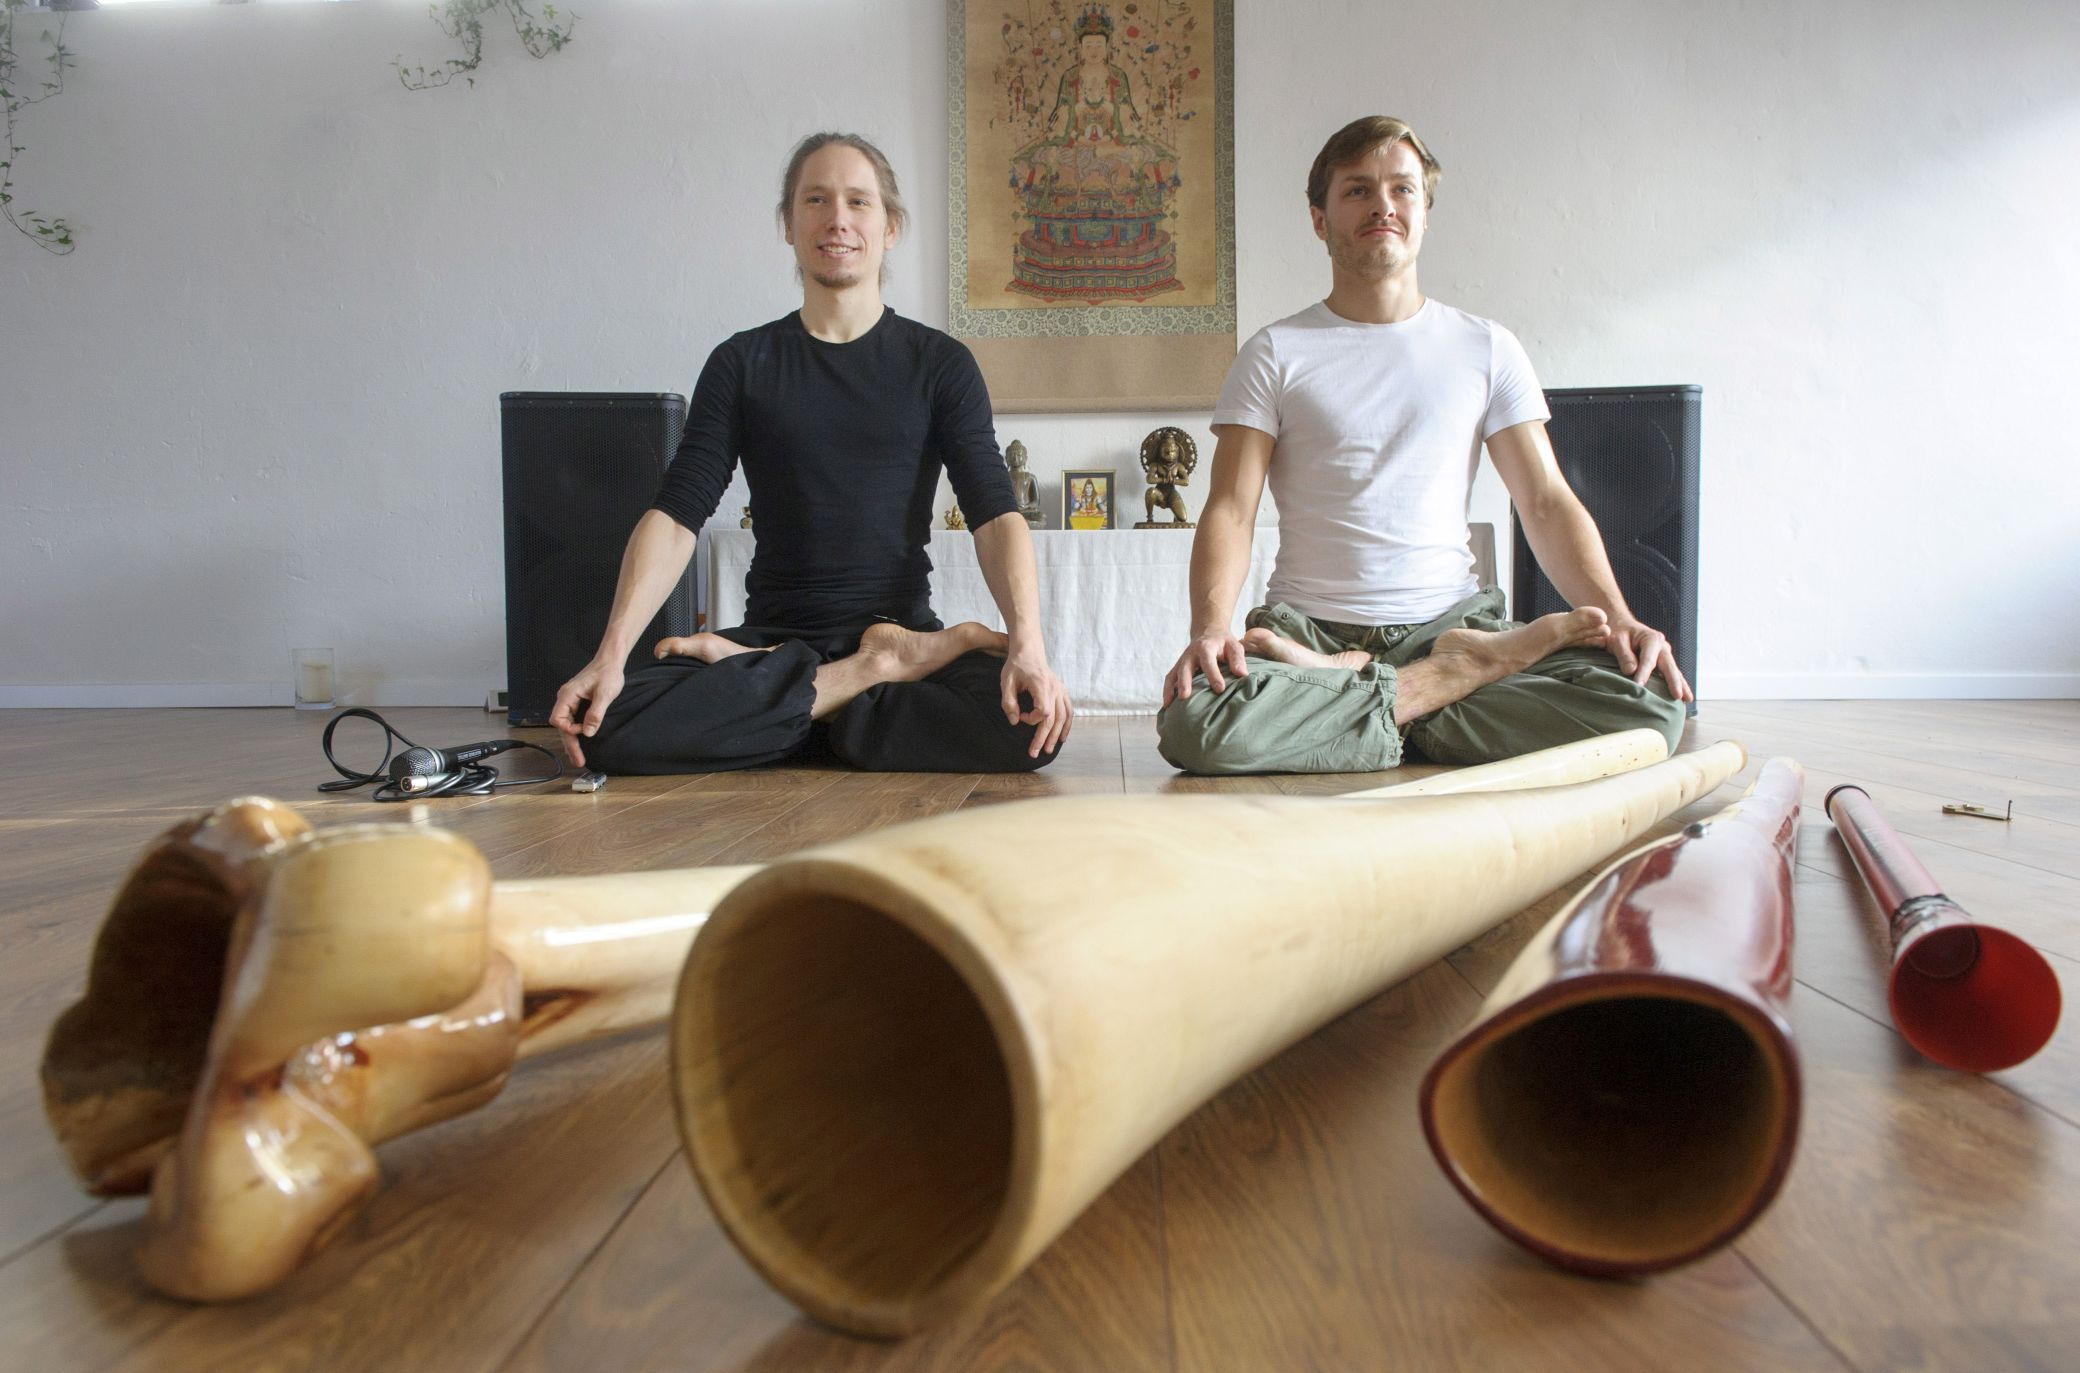 Aerodice im Yogastudio im Wasserviertel.jpg